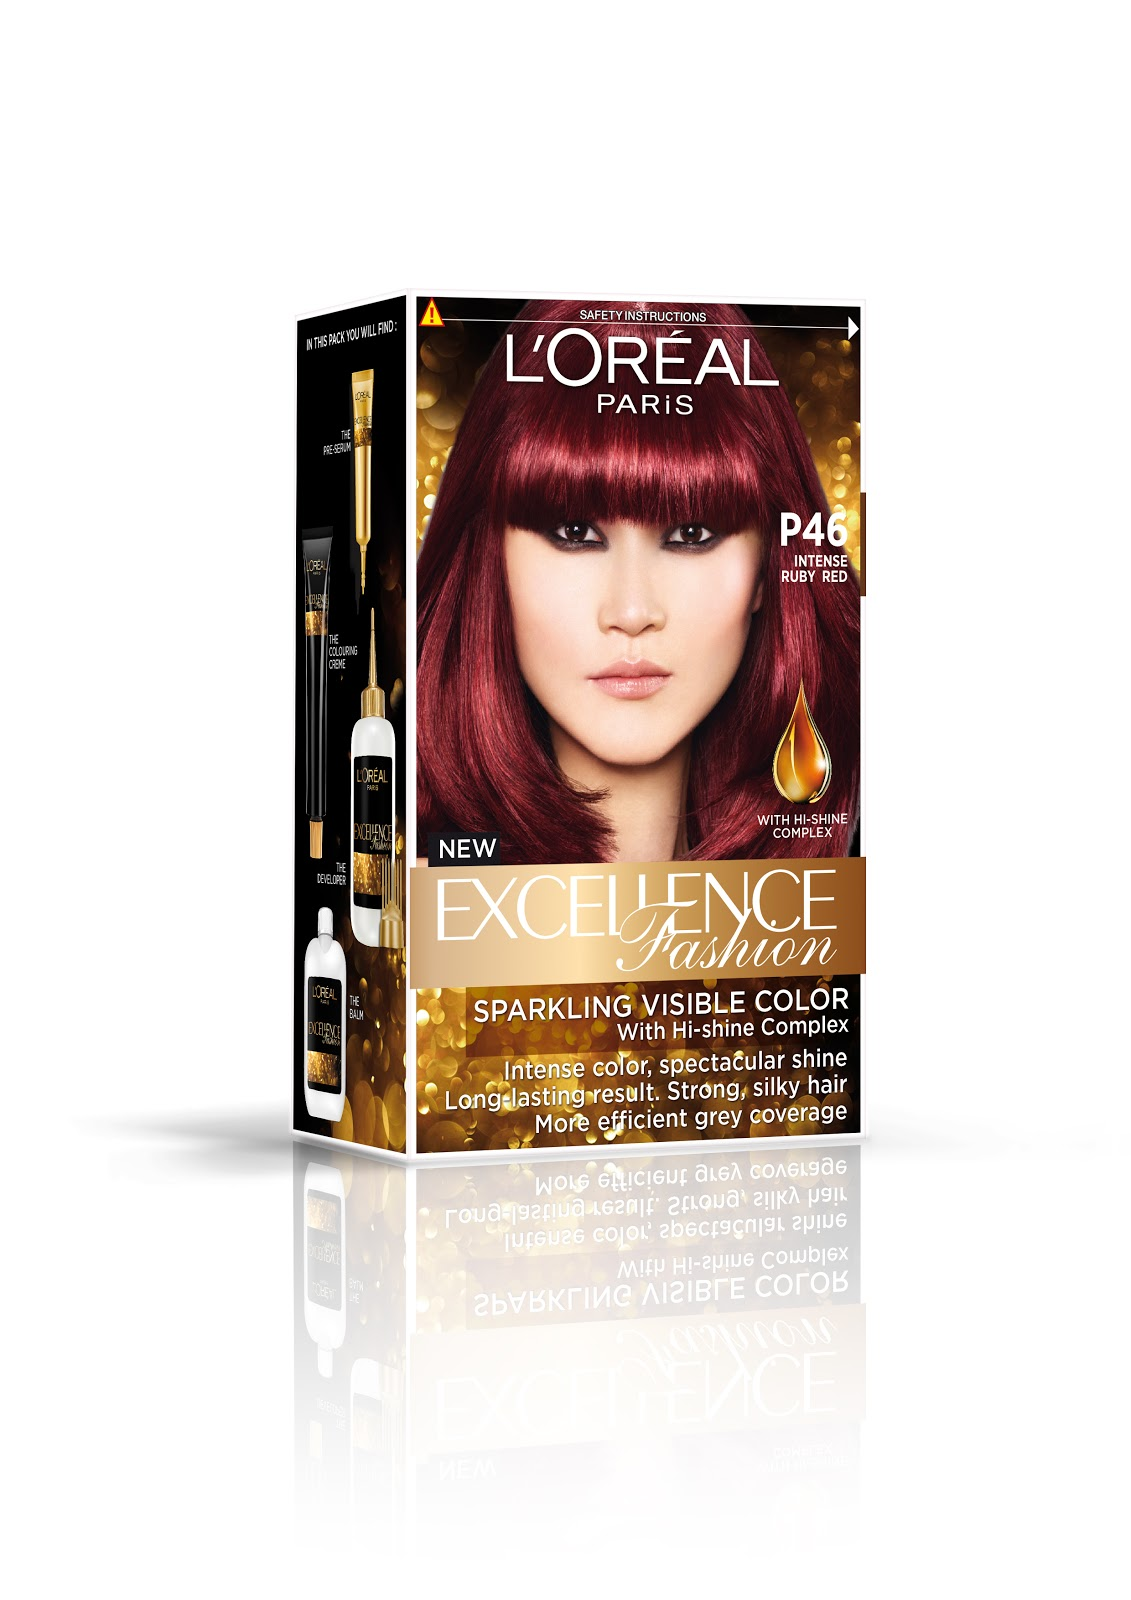 loreal hair color shades 2015 personal